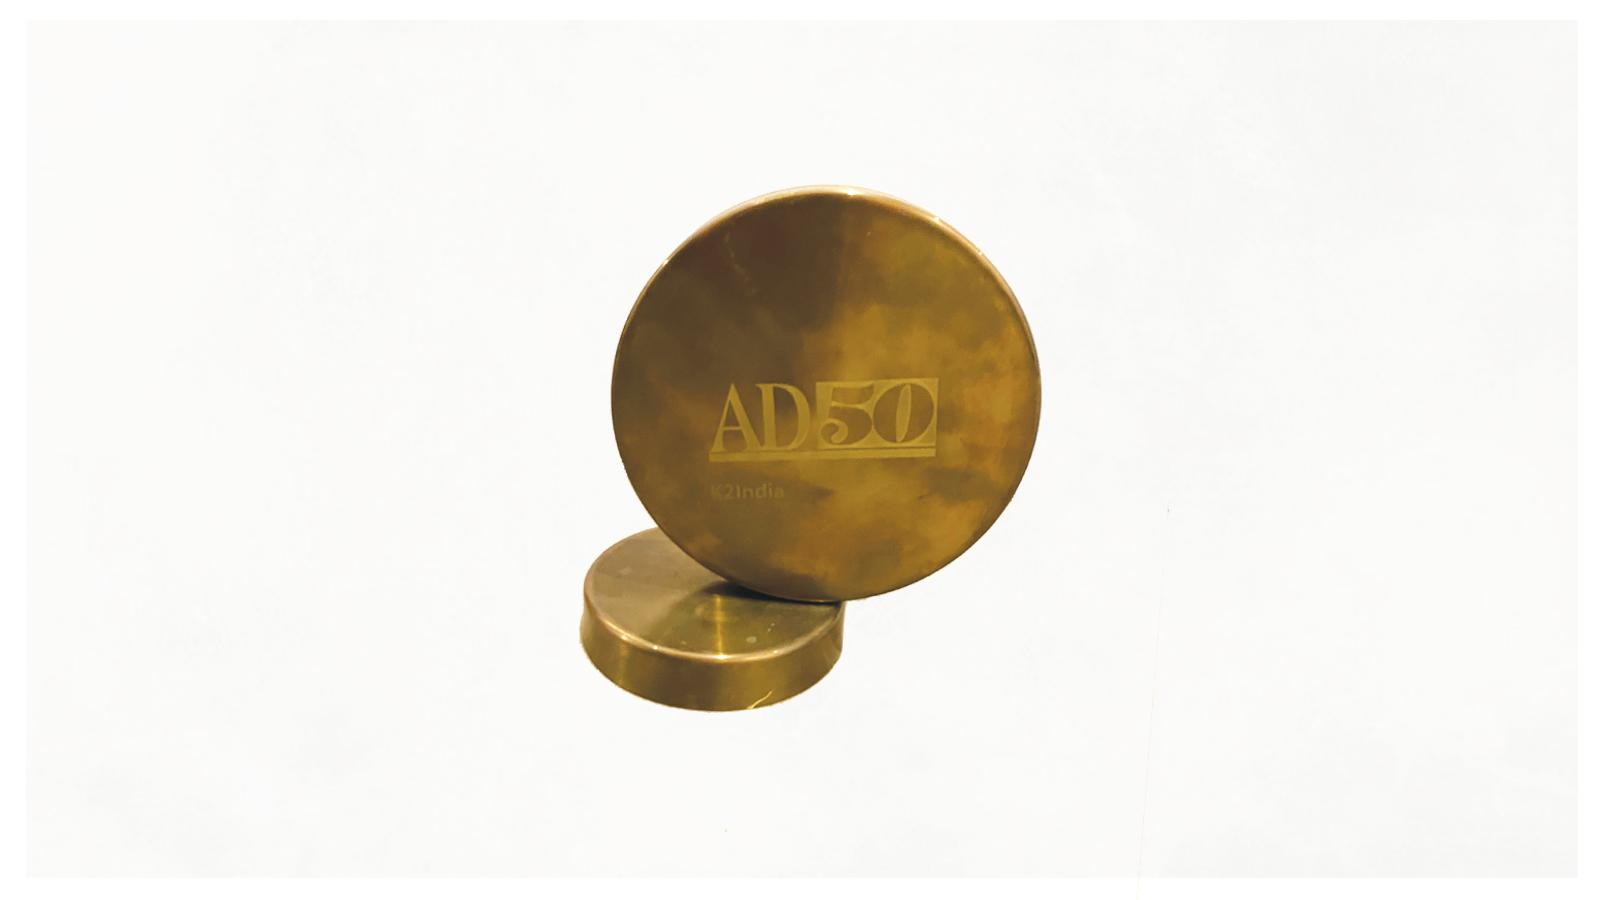 AD50 Award